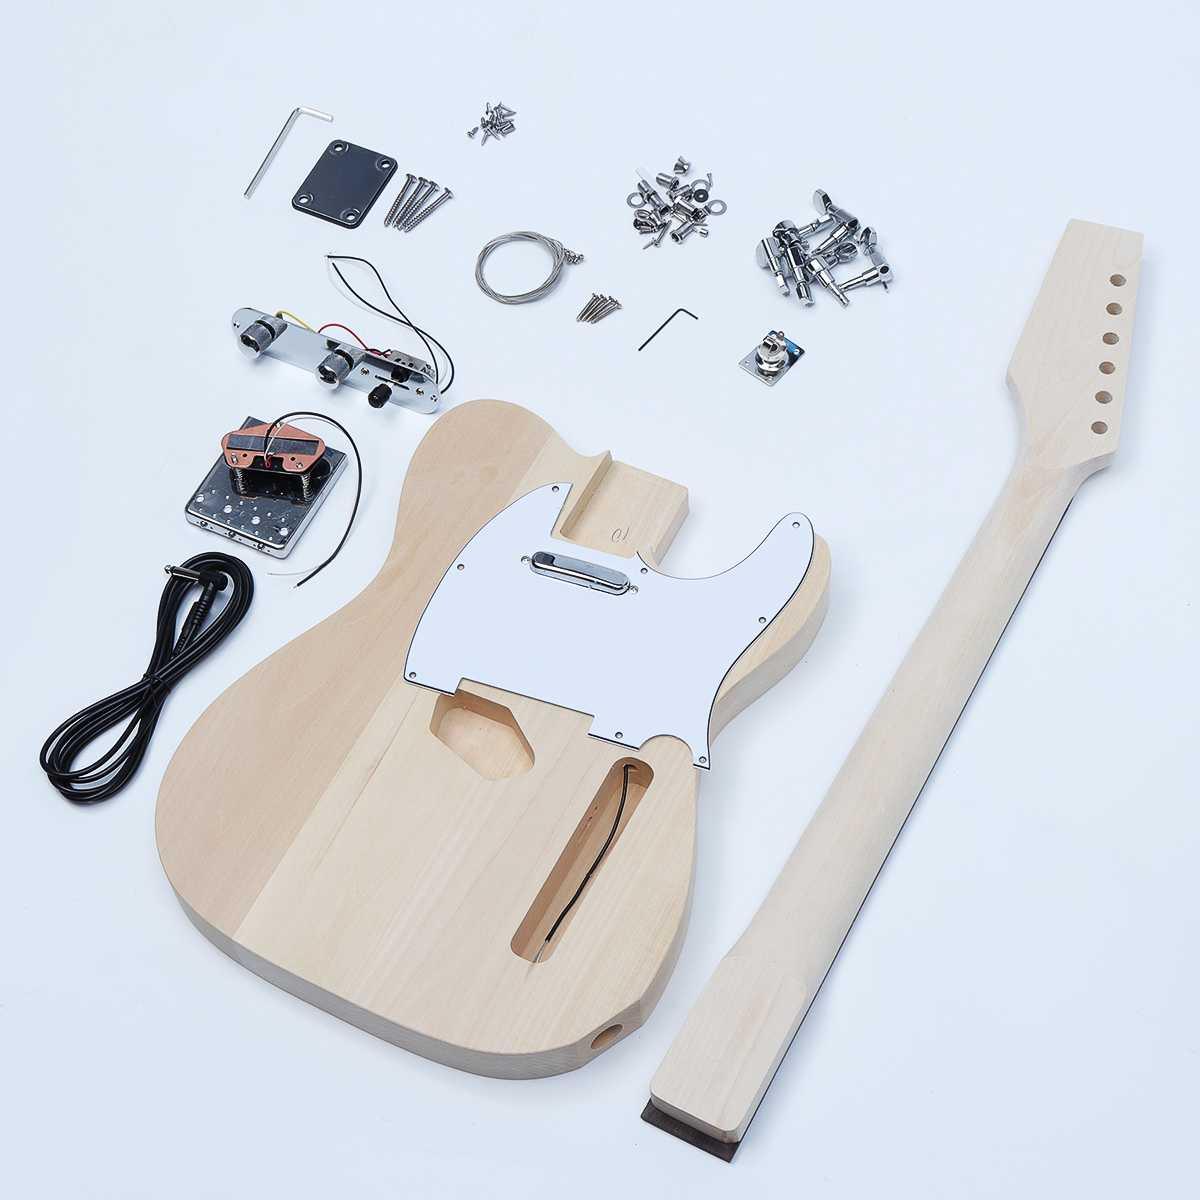 Électrique bricolage Guitare Accessoires Remplacement Kit Hêtre Bois manche en Érable Corps 6 instrument à cordes Guitare Pièces Semi-finis